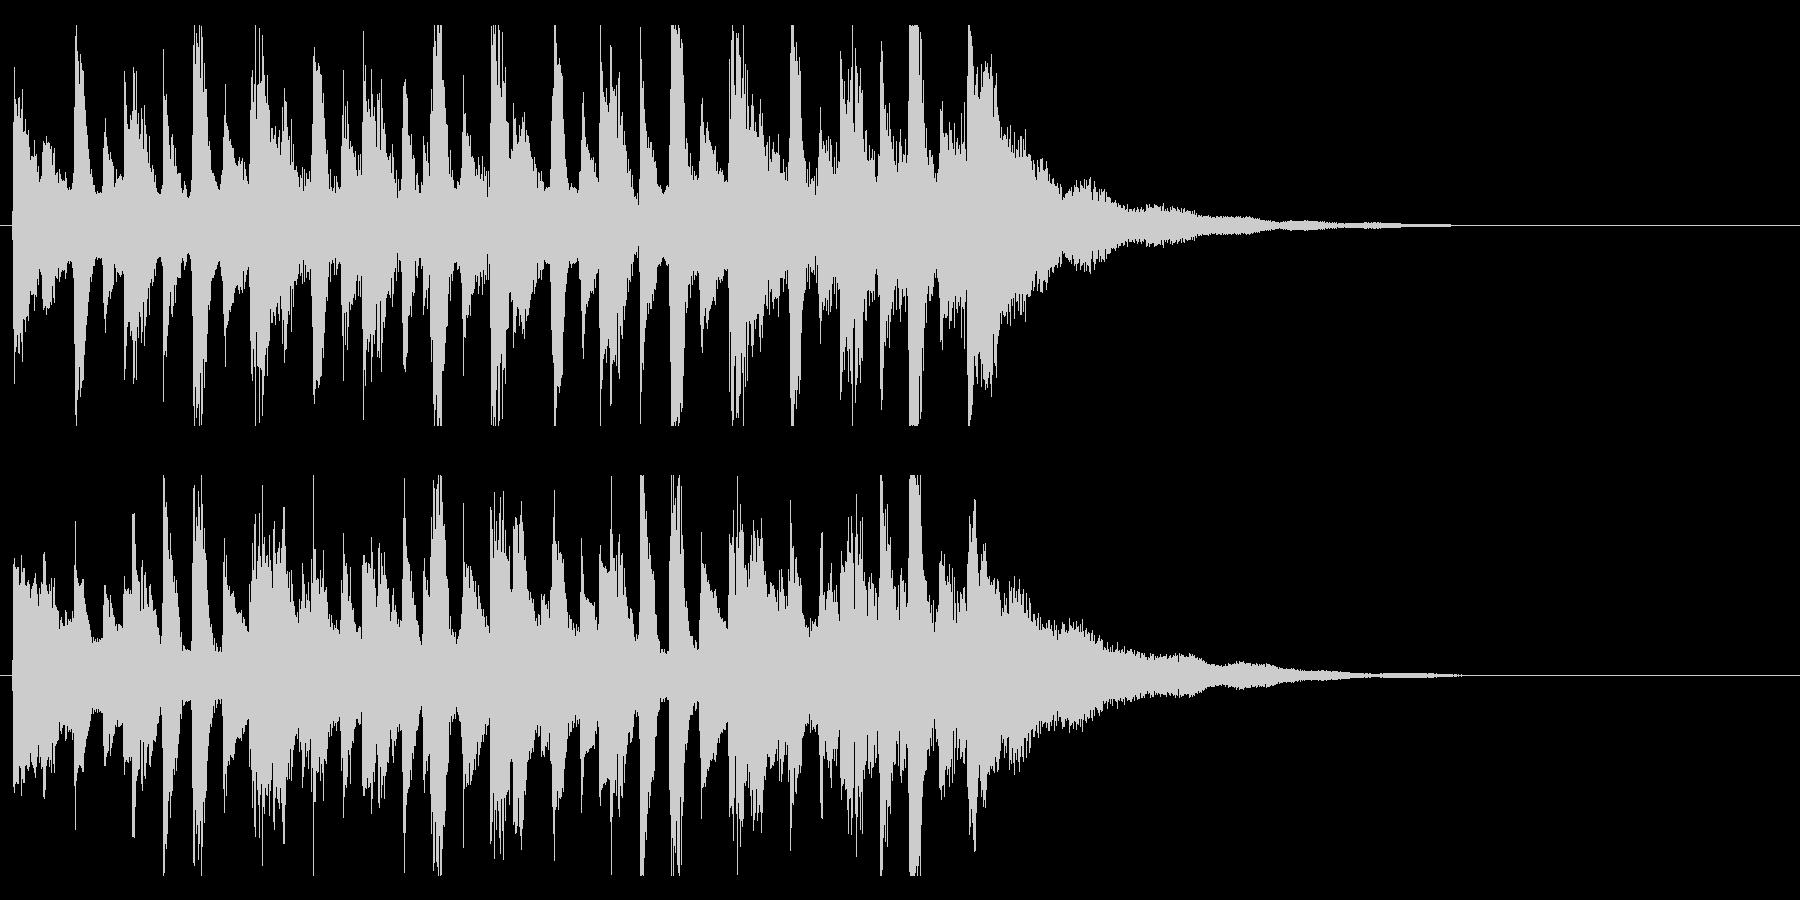 オープニングジングル ピアノで爽やか感動の未再生の波形